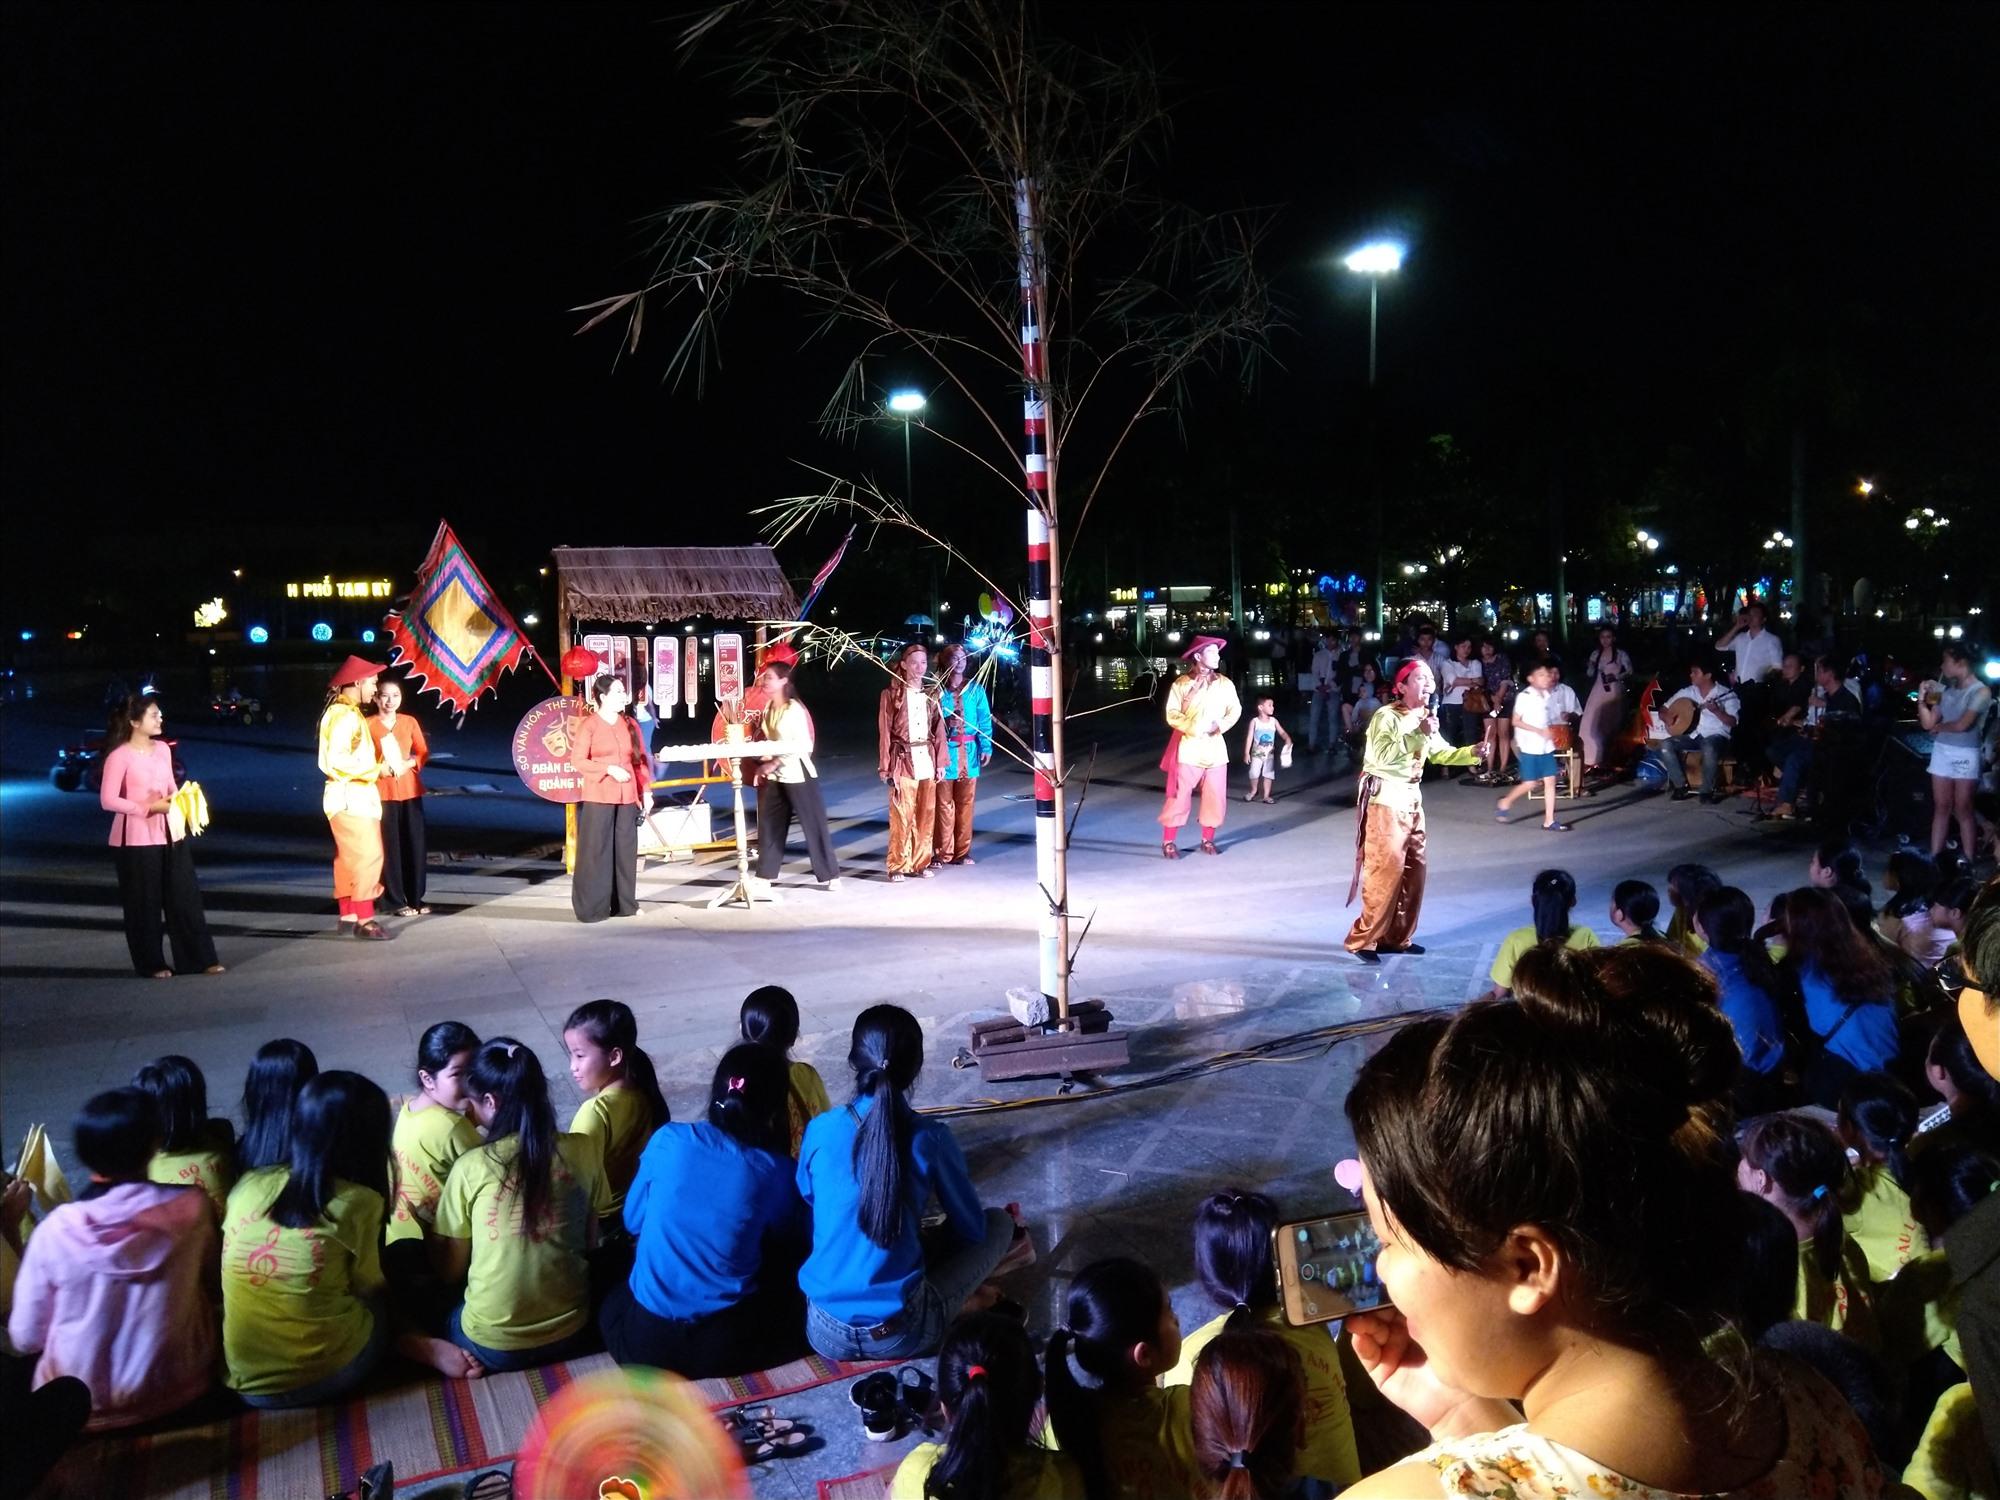 Thiếu dịch vụ phát triển kinh tế đêm là điểm yếu của du lịch Quảng Nam trong việc níu chân du khách. Ảnh: T.S